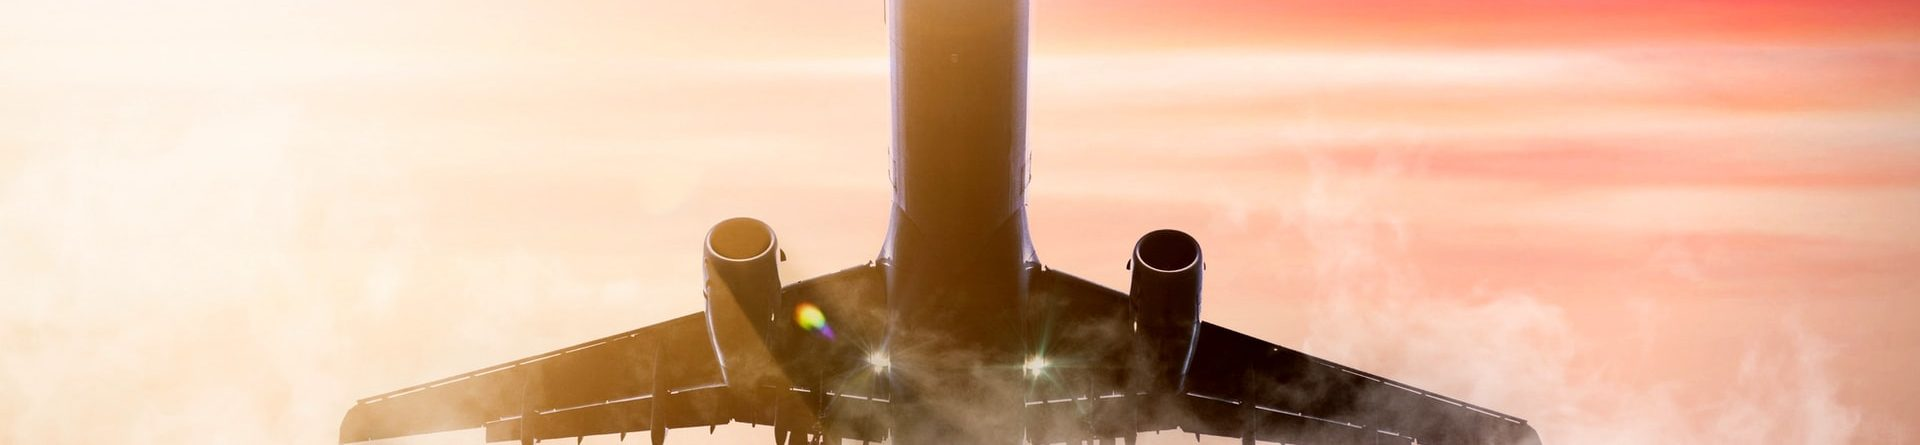 Авиакомпания дарит ваучеры на полеты до конца 2021